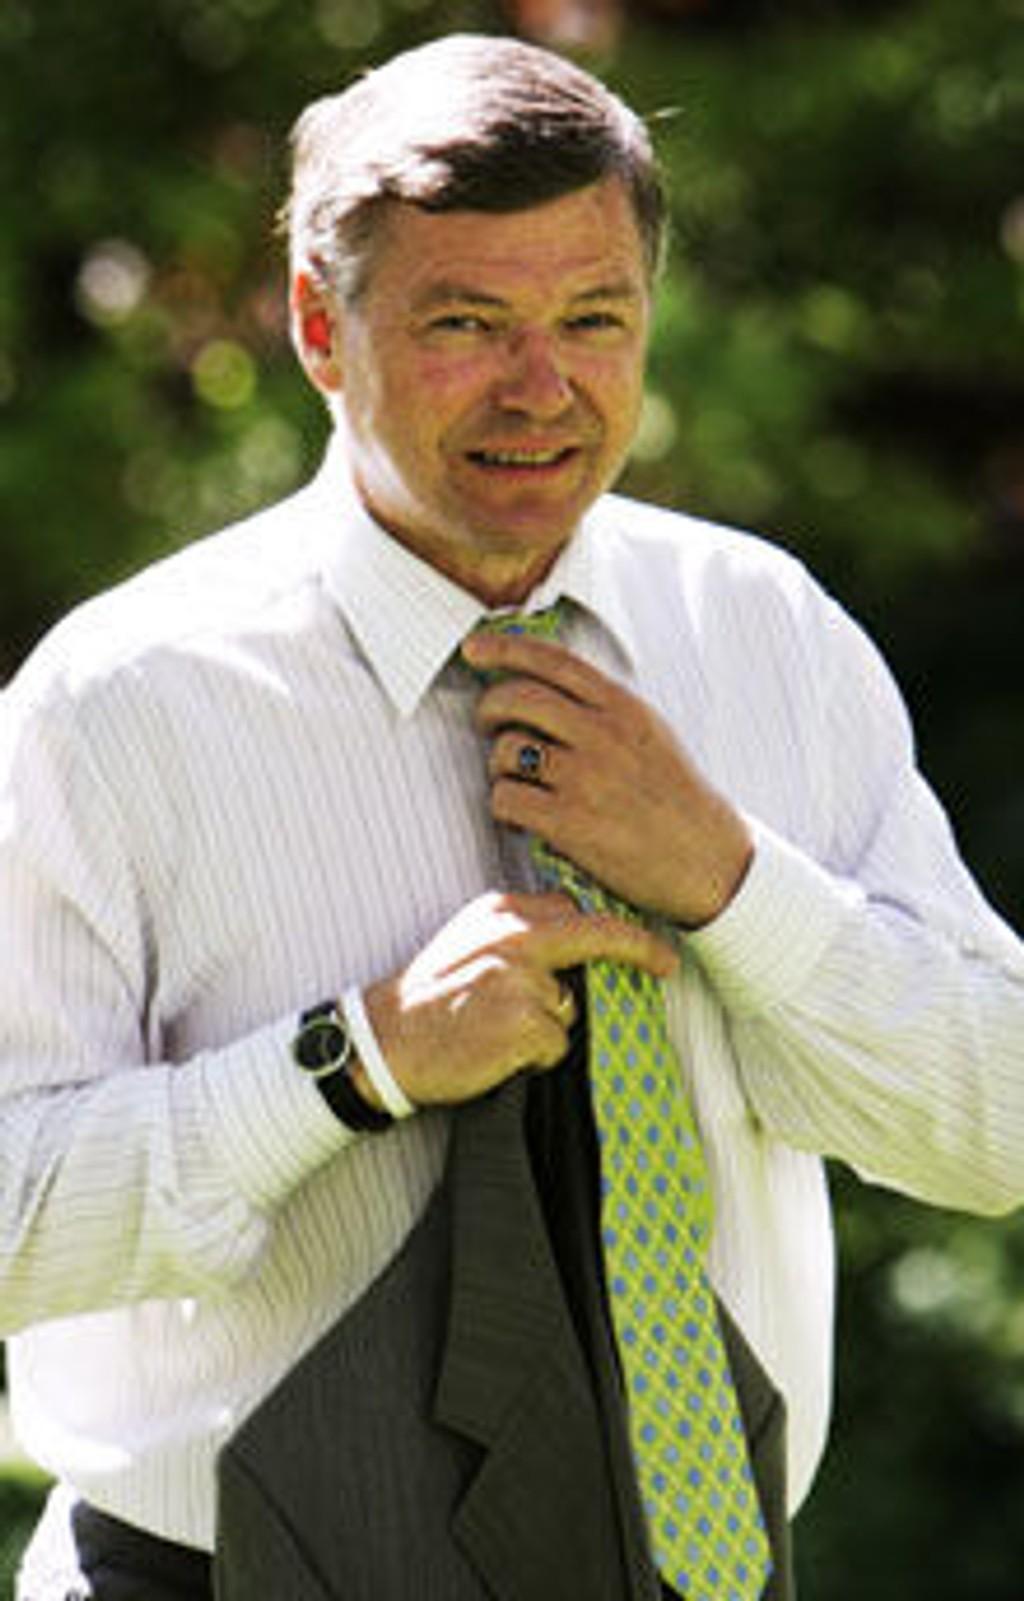 Statsminister Kjell Magne Bondevik bærer armbånd til støtte for Live-8 aksjonen Make Poverty History.